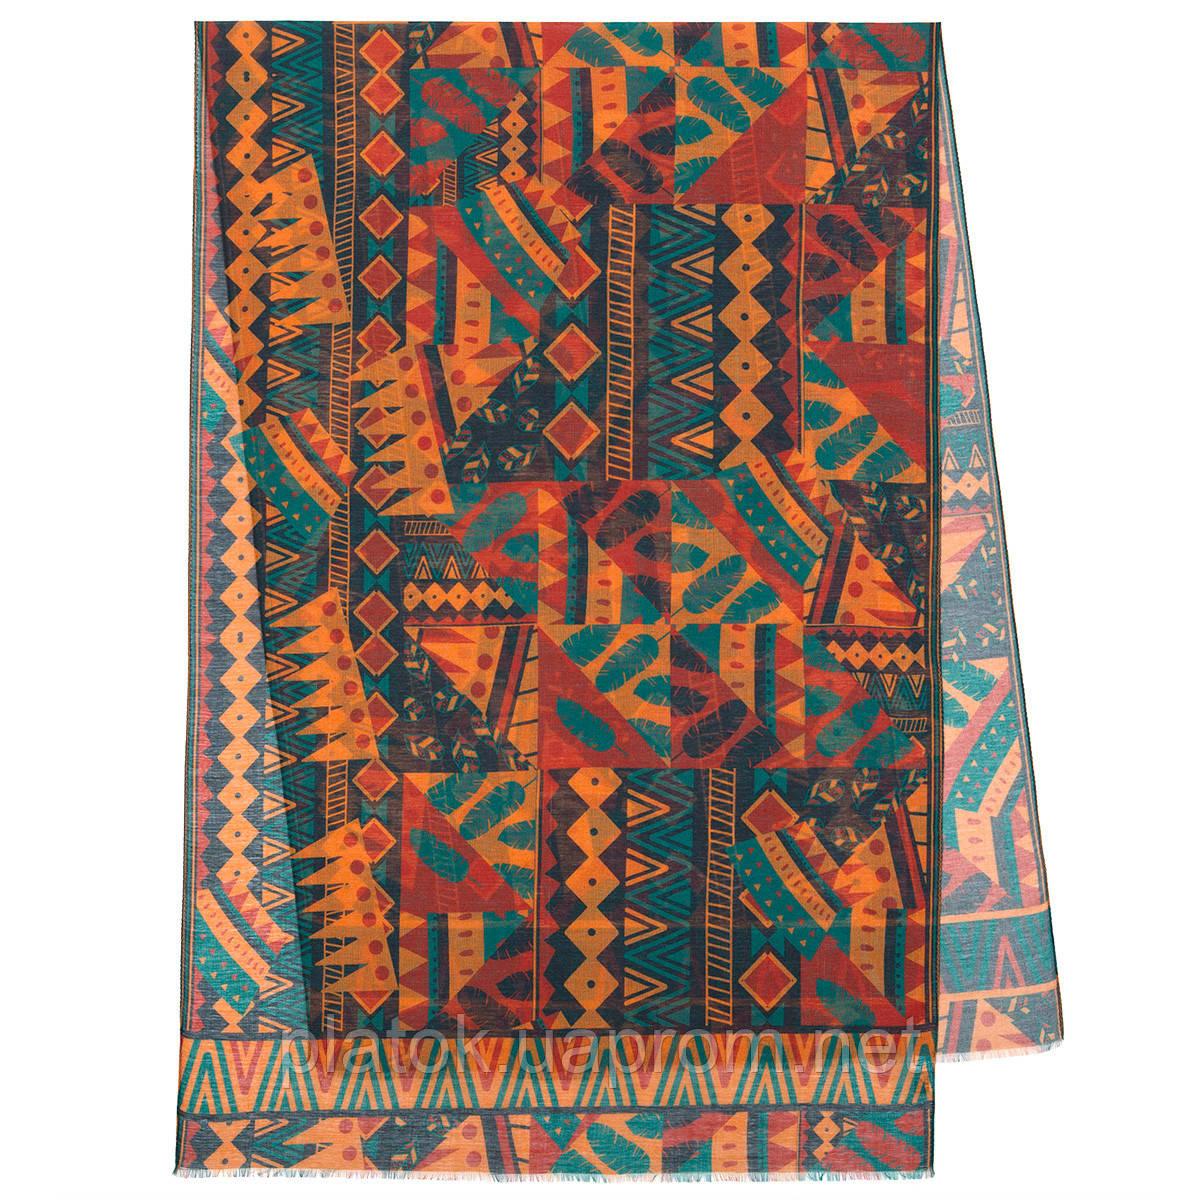 Палантин шерстяной 10839-4, павлопосадский шарф-палантин шерстяной (разреженная шерсть) с осыпкой